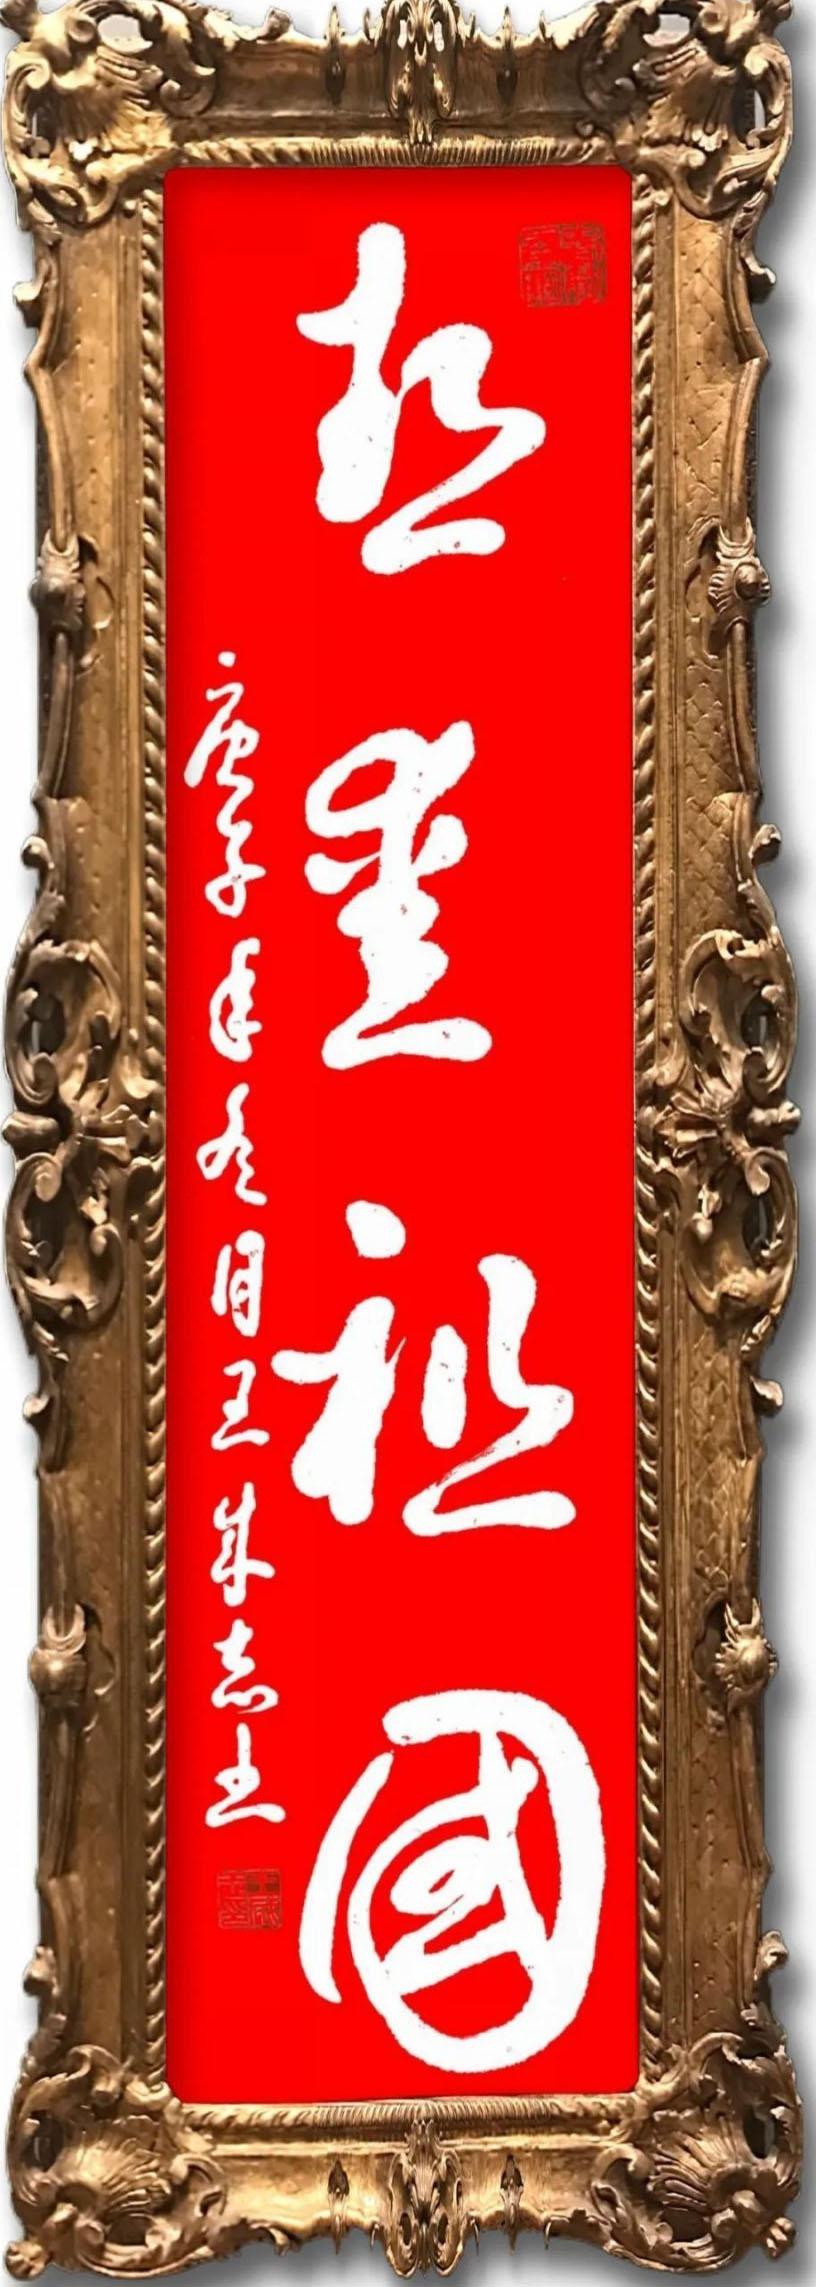 军旅书法家王成志同志挥毫泼墨献给抗洪一线的工作人员和指战员